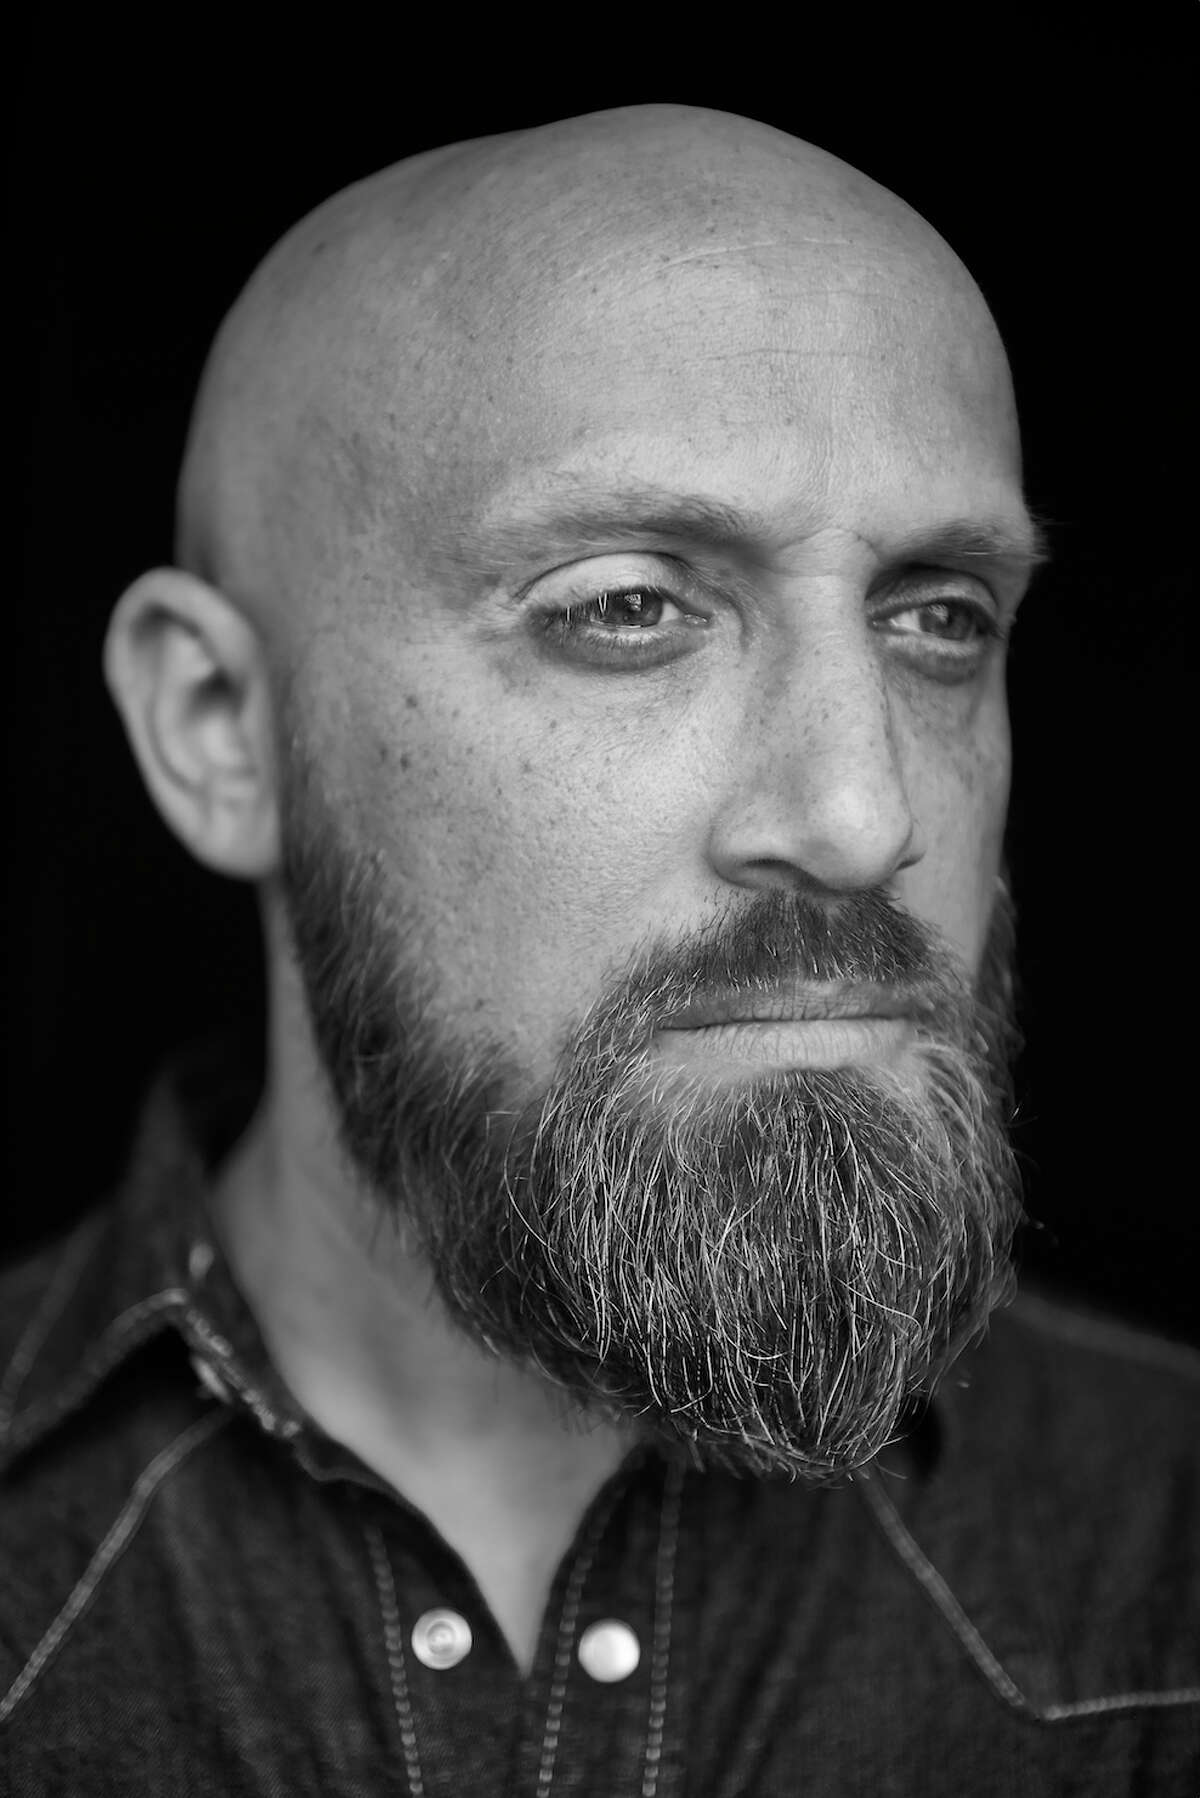 Houston musician Matt Hammon recently released